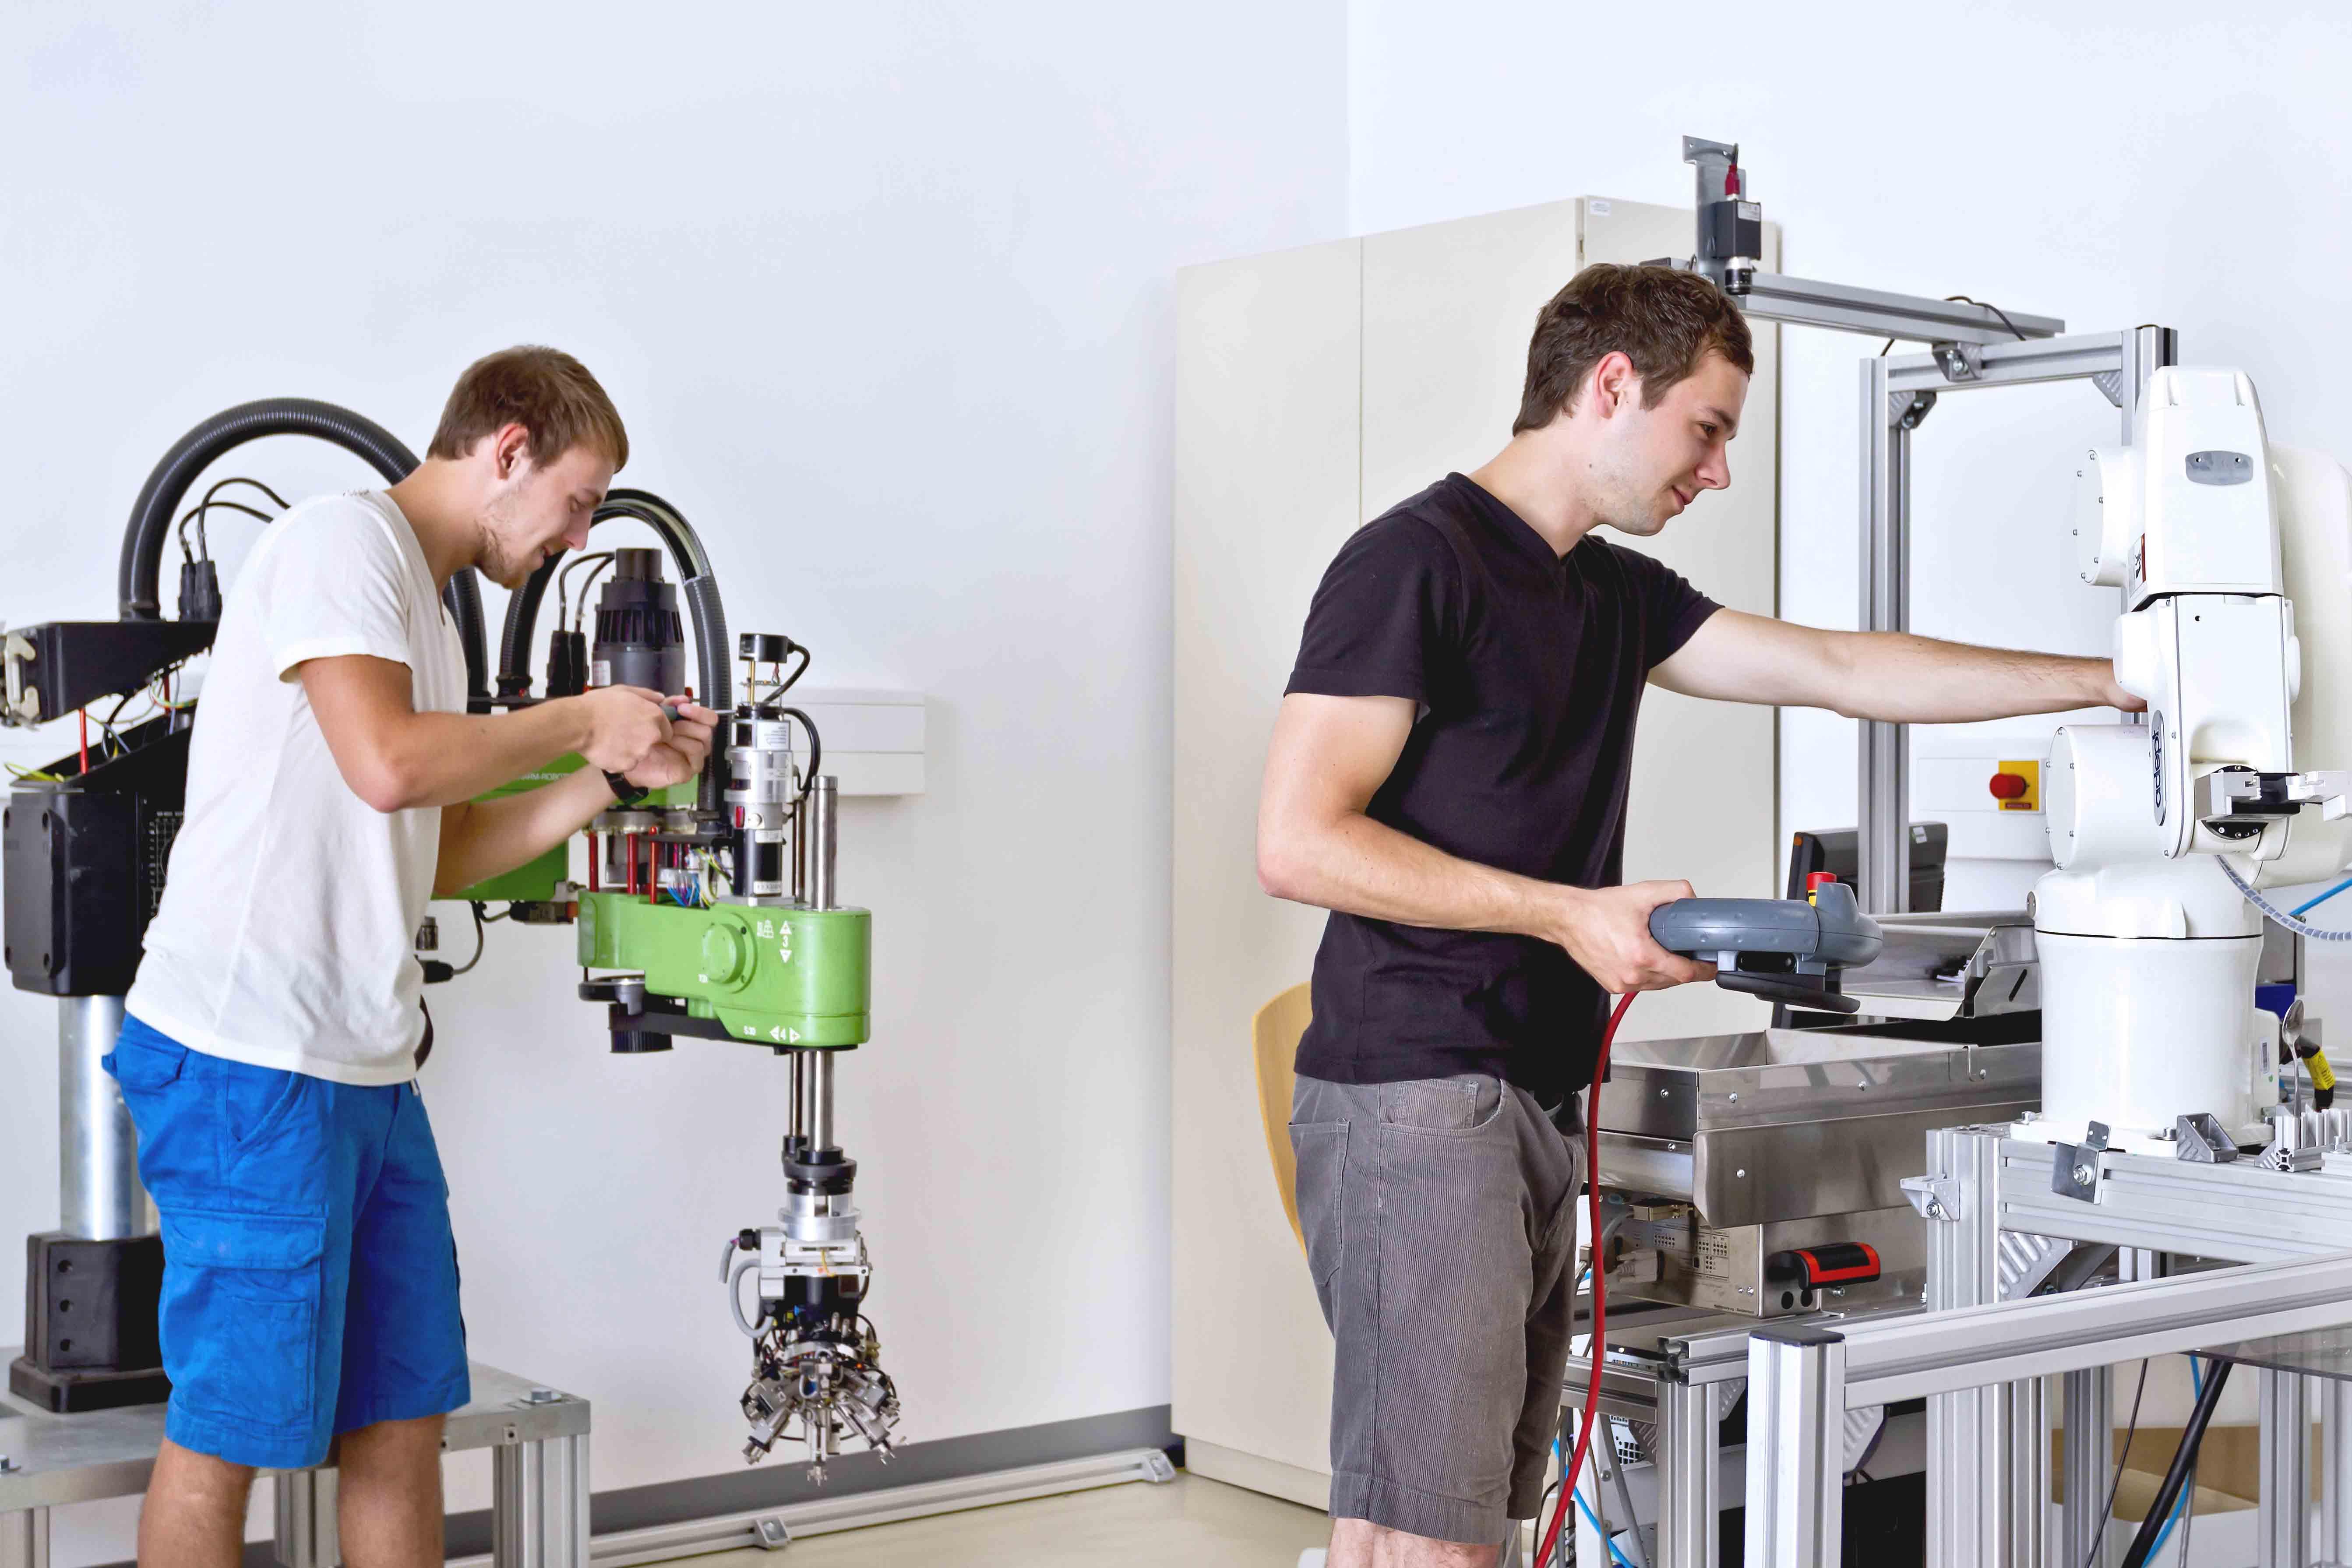 Zwei Studenten, die mit der Bedienung von Robotertechnik beschäftigt sind.